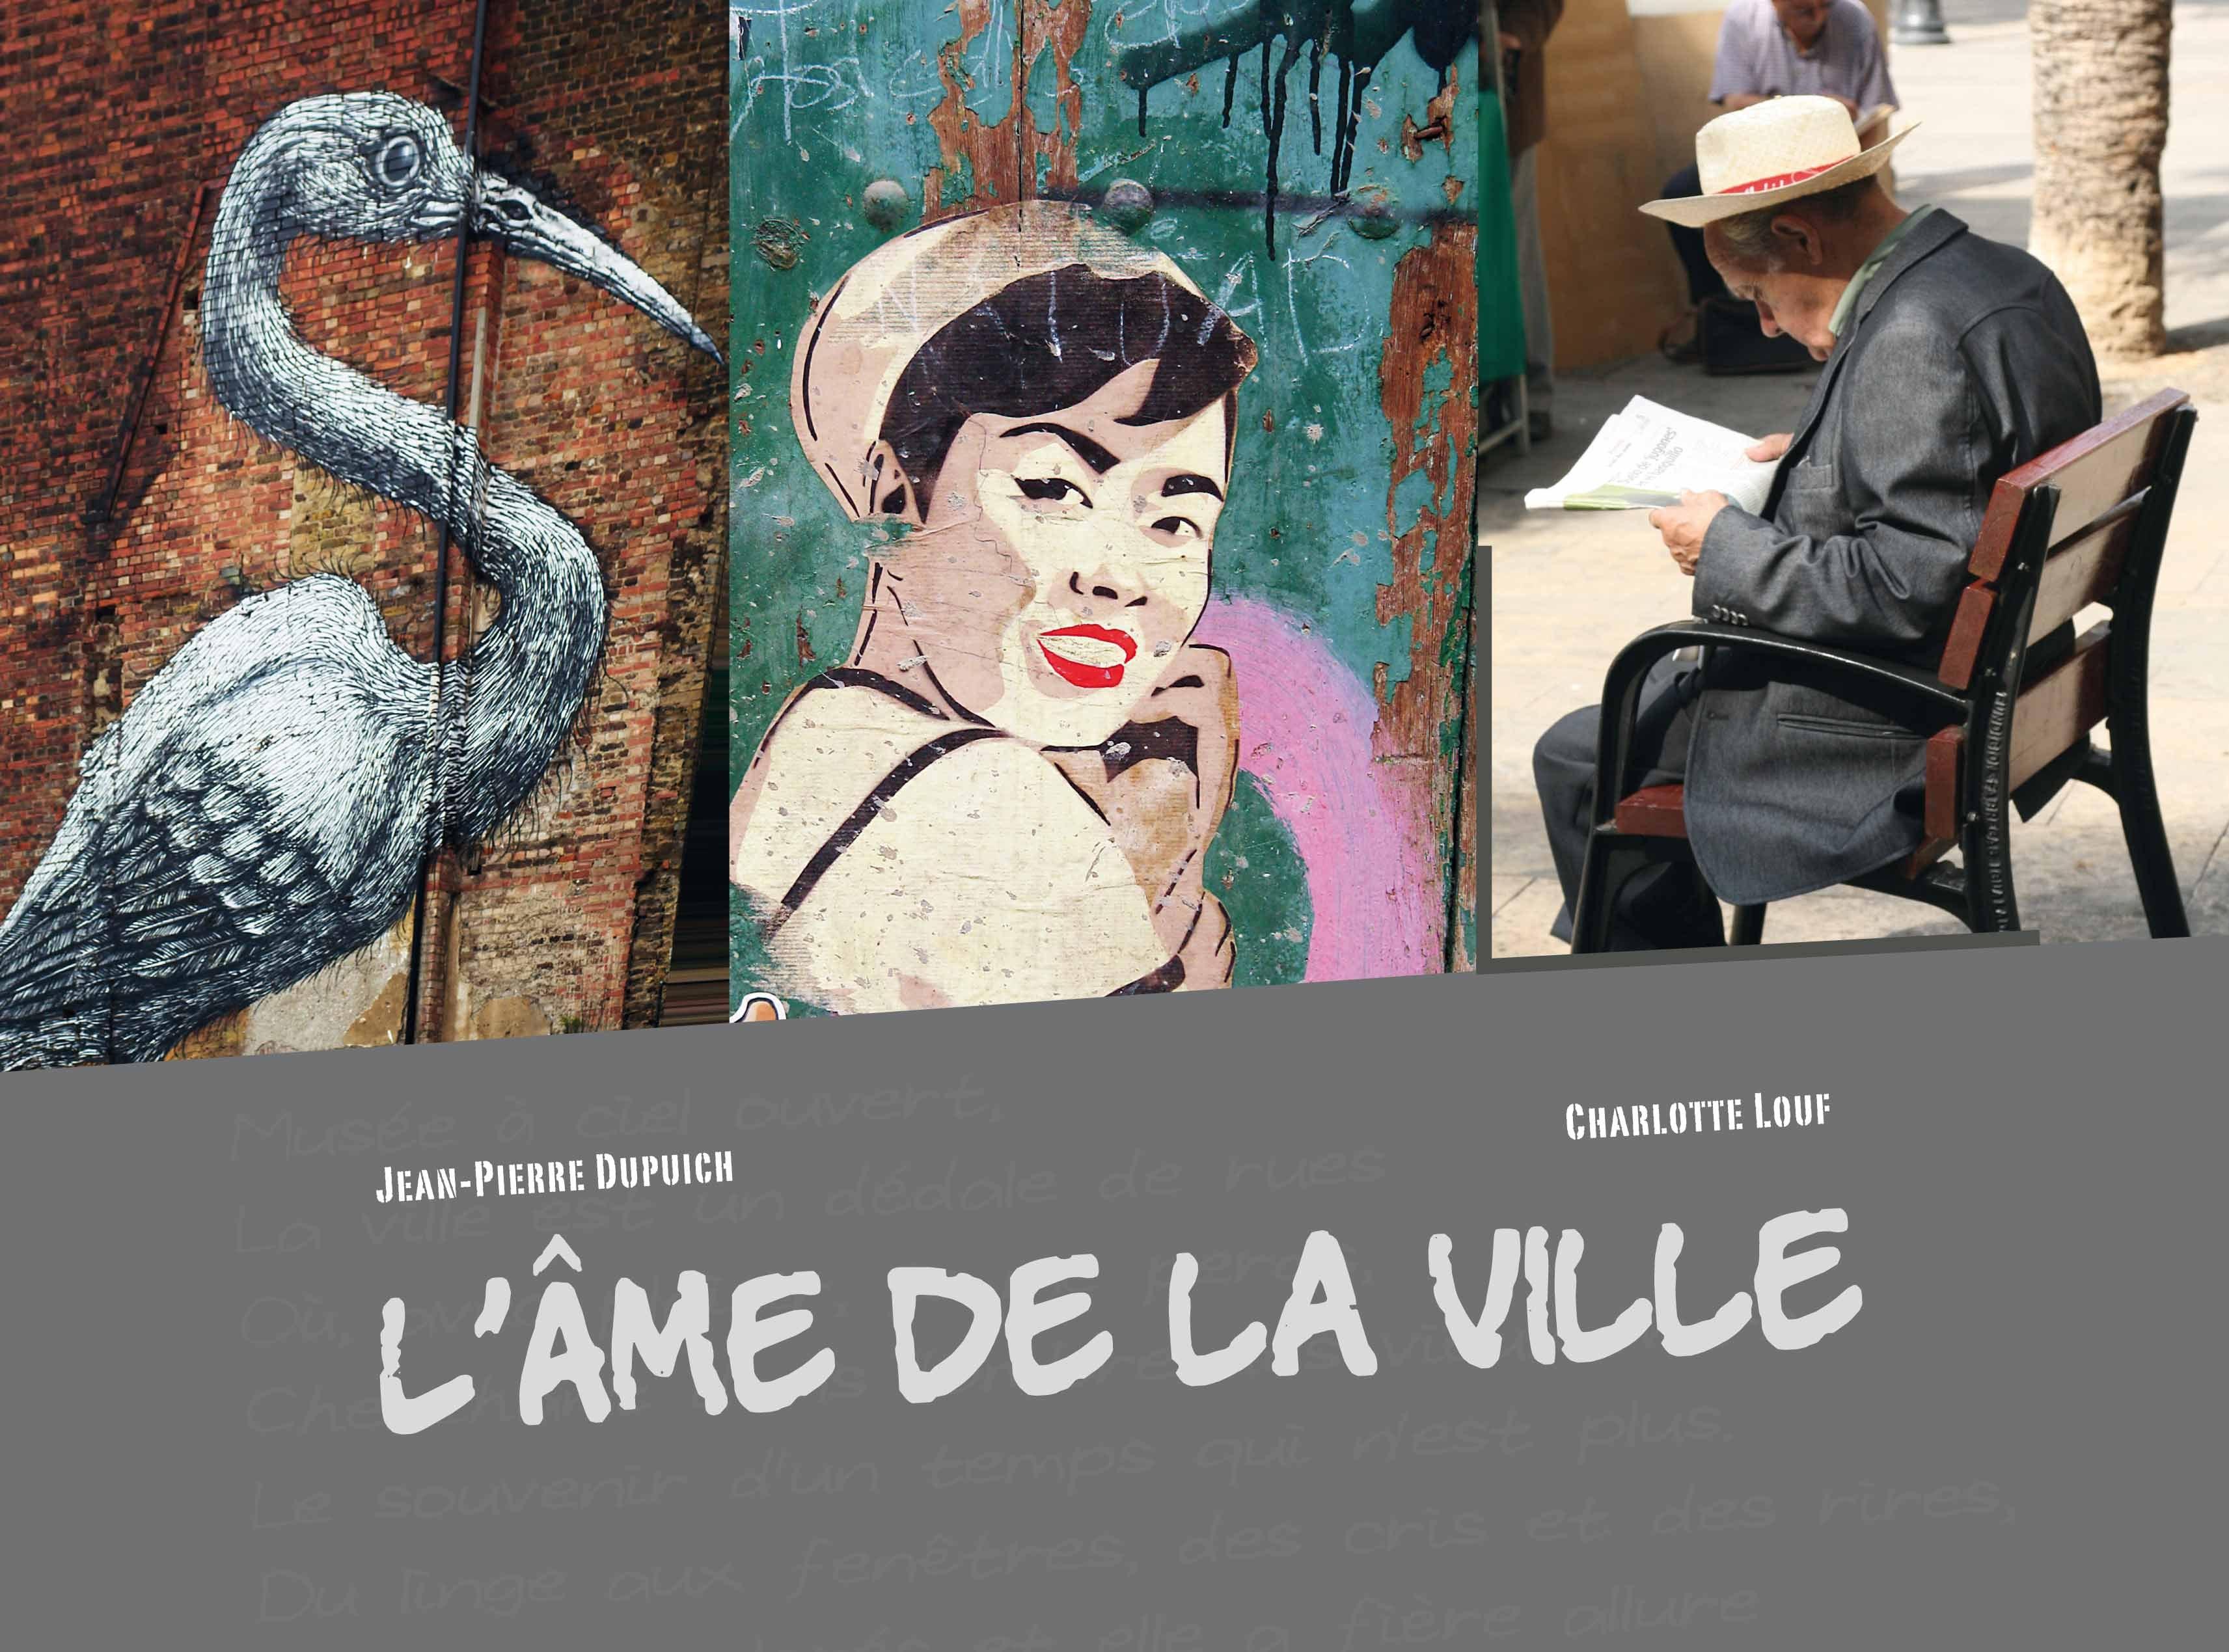 L'AME DE LA VILLE